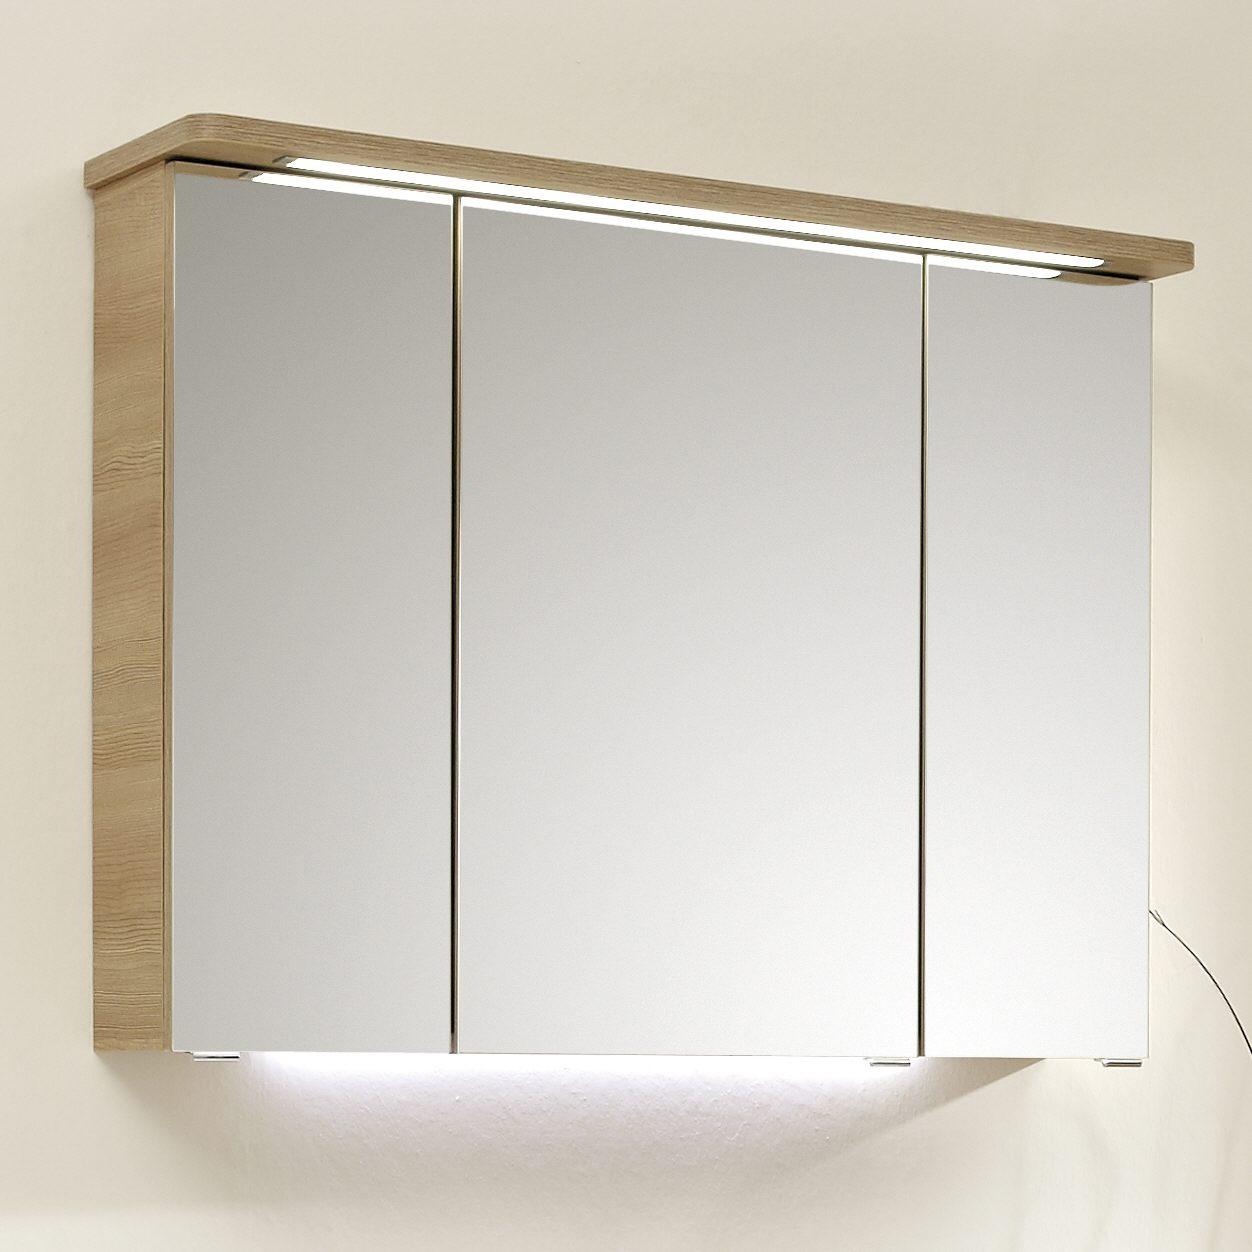 pelipal pineo spiegelschrank pn sps10 25an eb l wp02 megabad. Black Bedroom Furniture Sets. Home Design Ideas